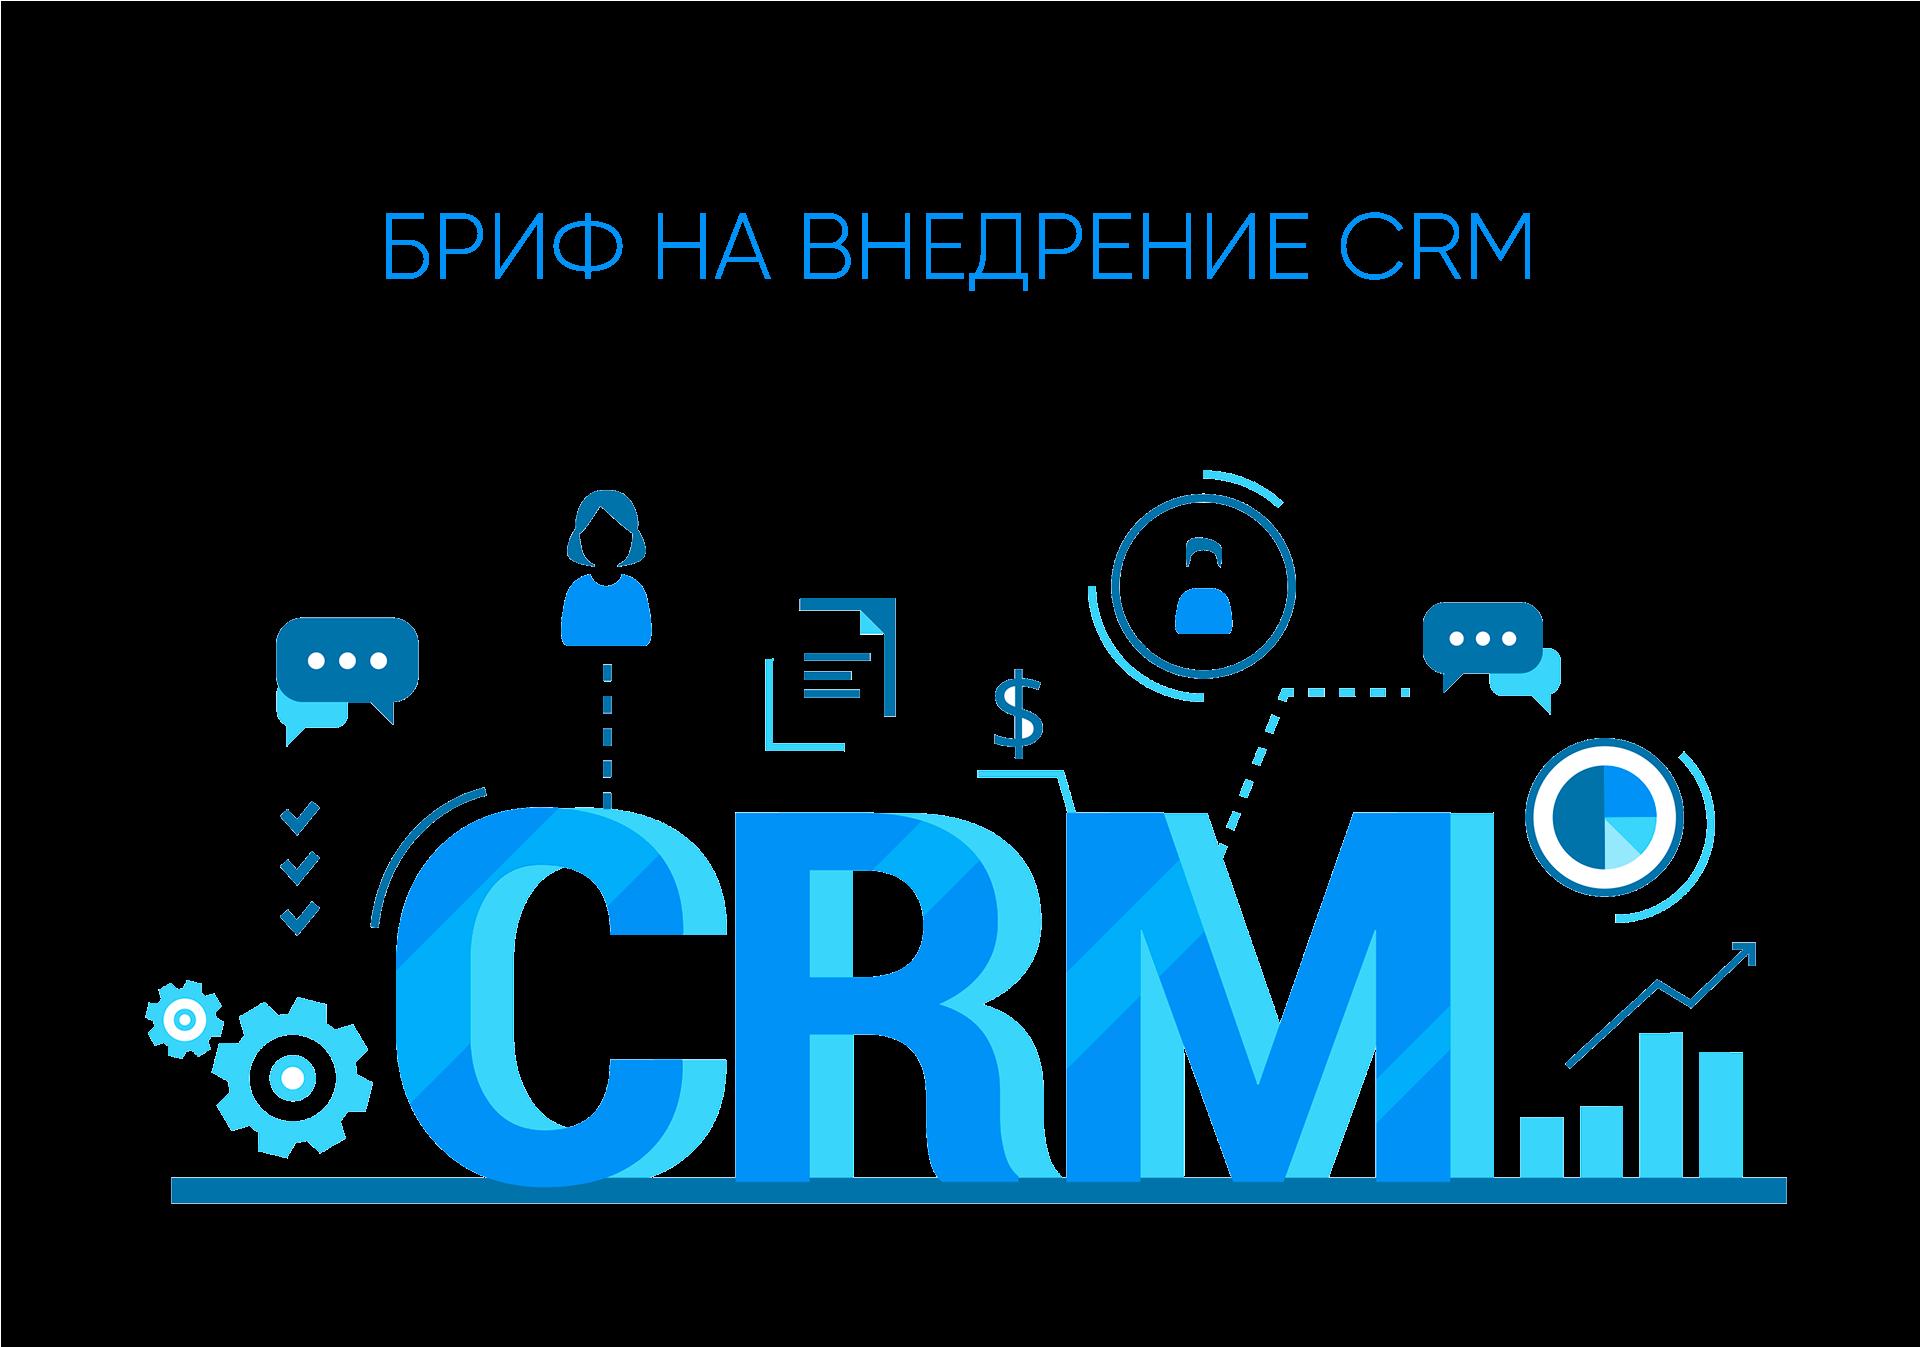 Бриф на внедрение CRM в ваш бизнес